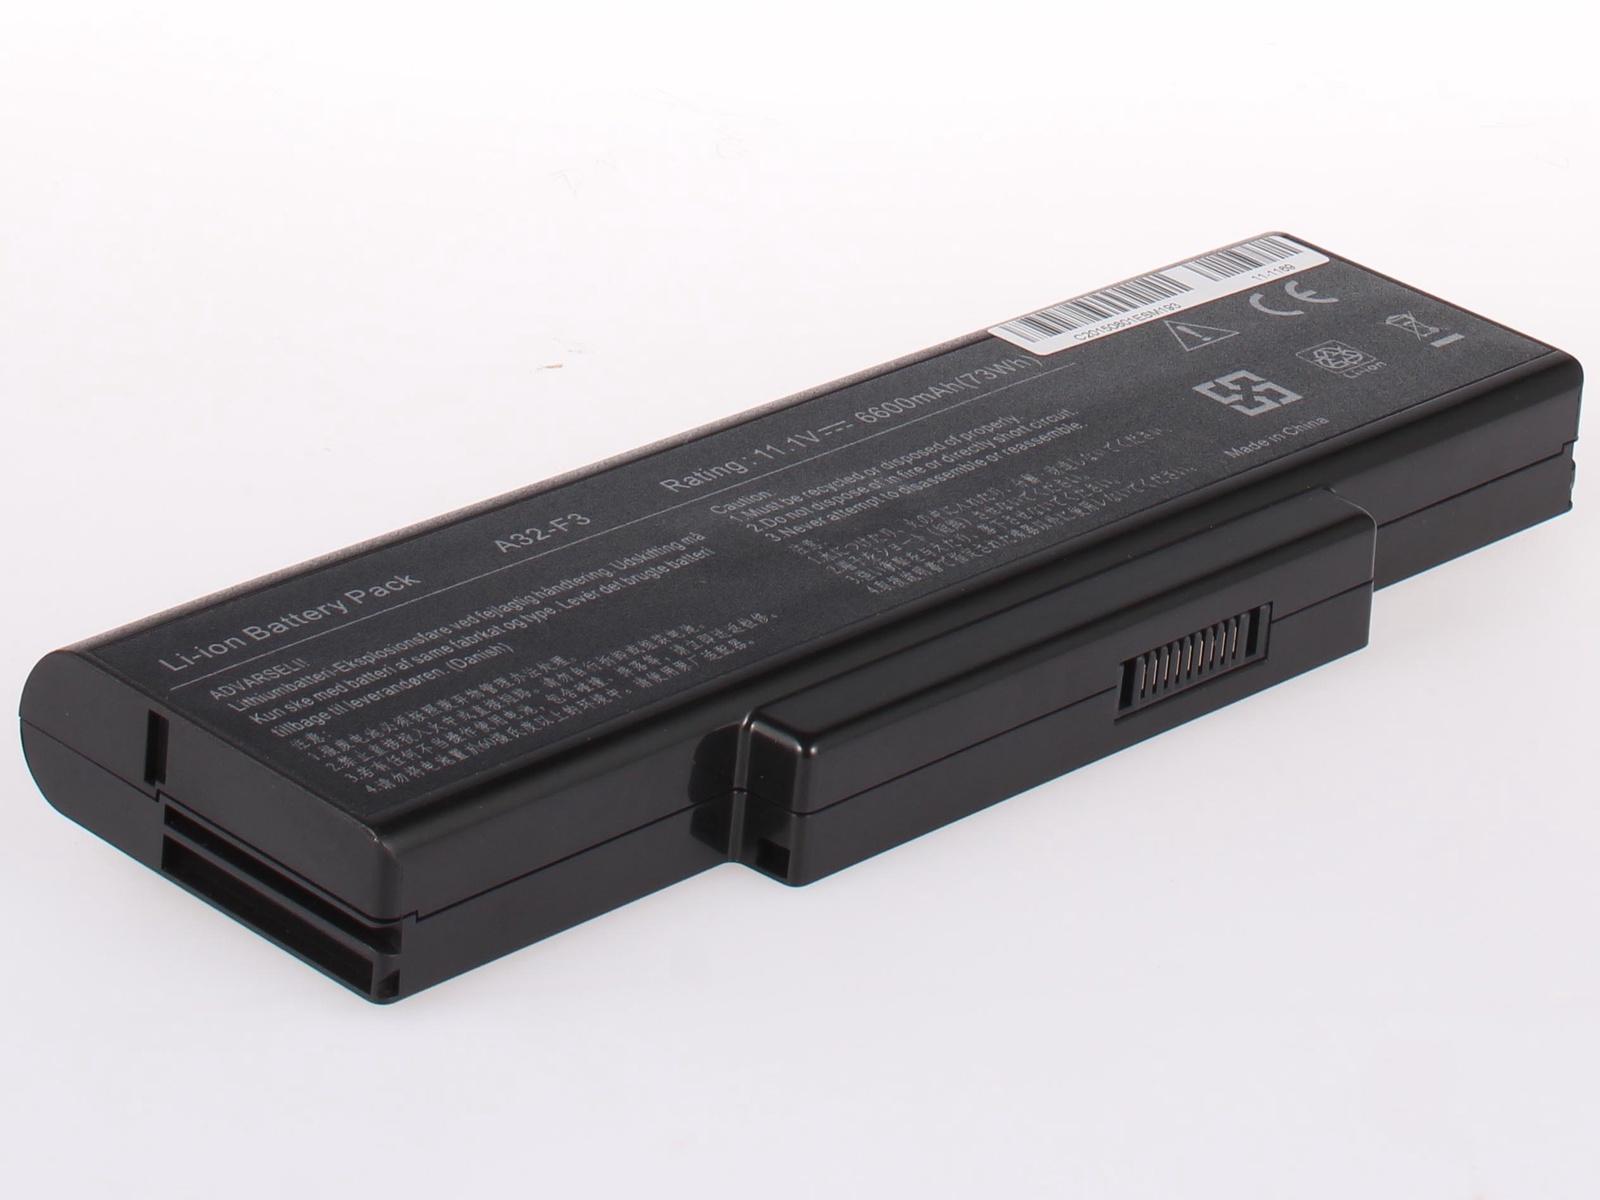 Так выглядит стандартная батарея ноутбука